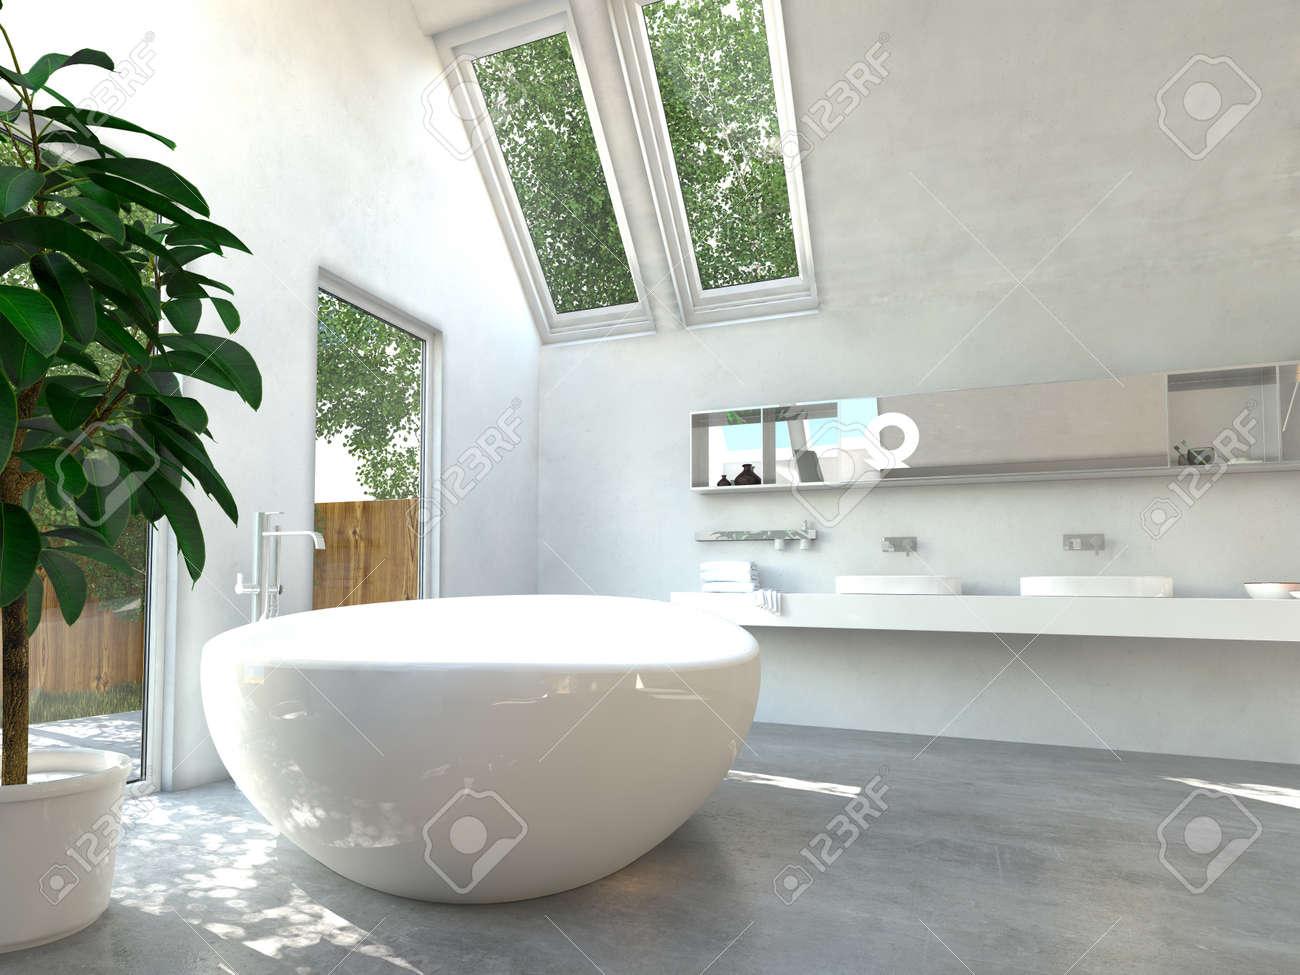 Vasca Da Bagno Ovale : Moderno bagno interno con un bianco freestanding vasca da bagno